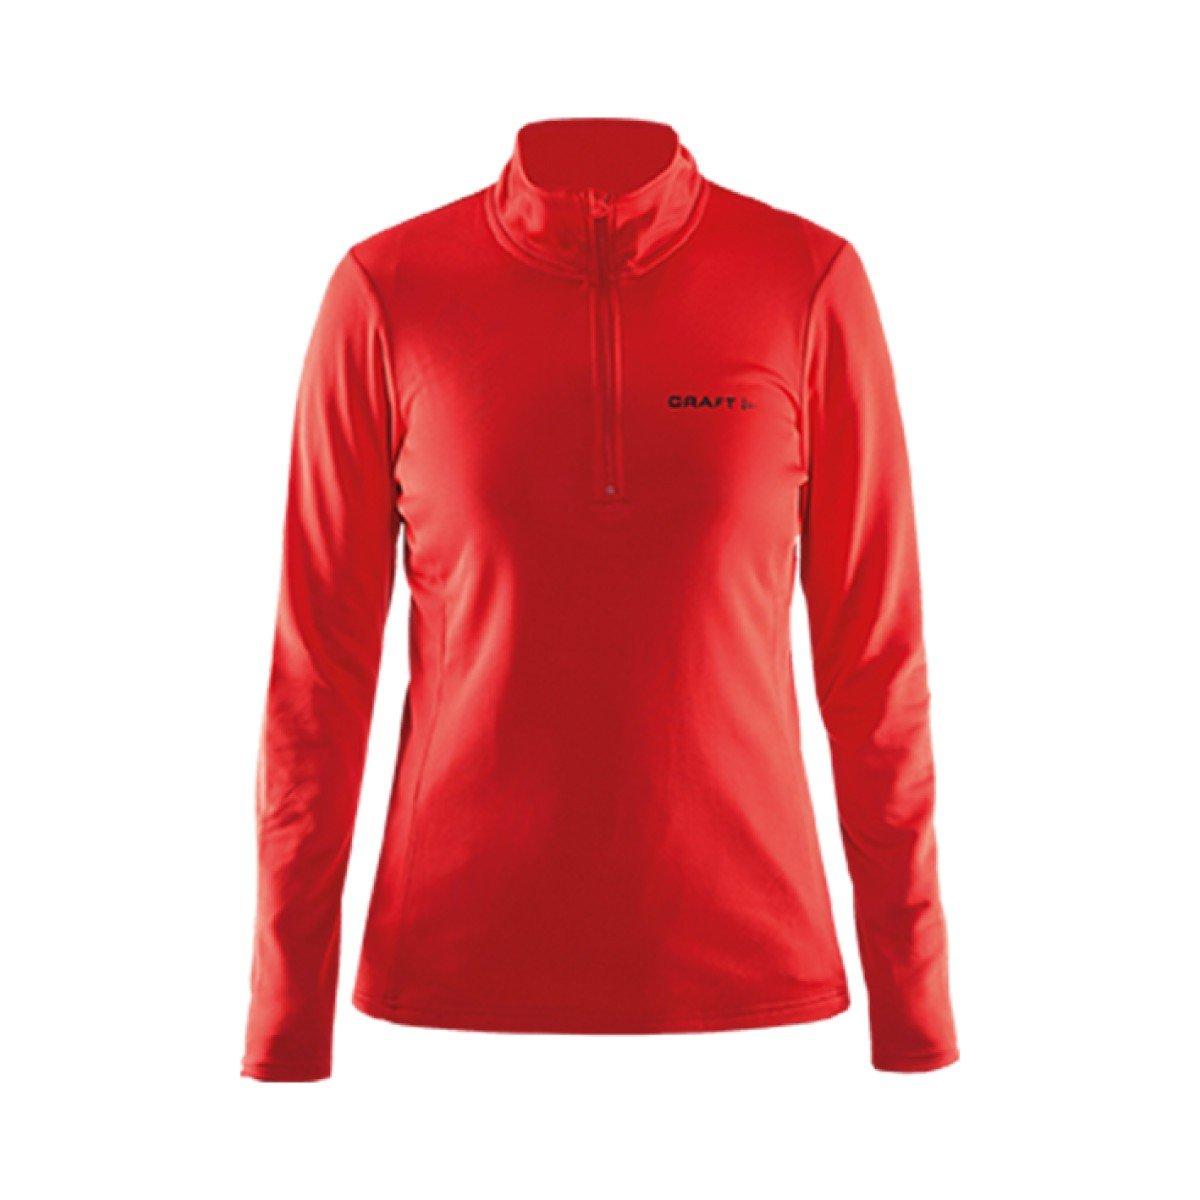 Taglia M Felpa da Sci da Donna Craft Swift Zip W 1904605-1430 Colore: Rosso